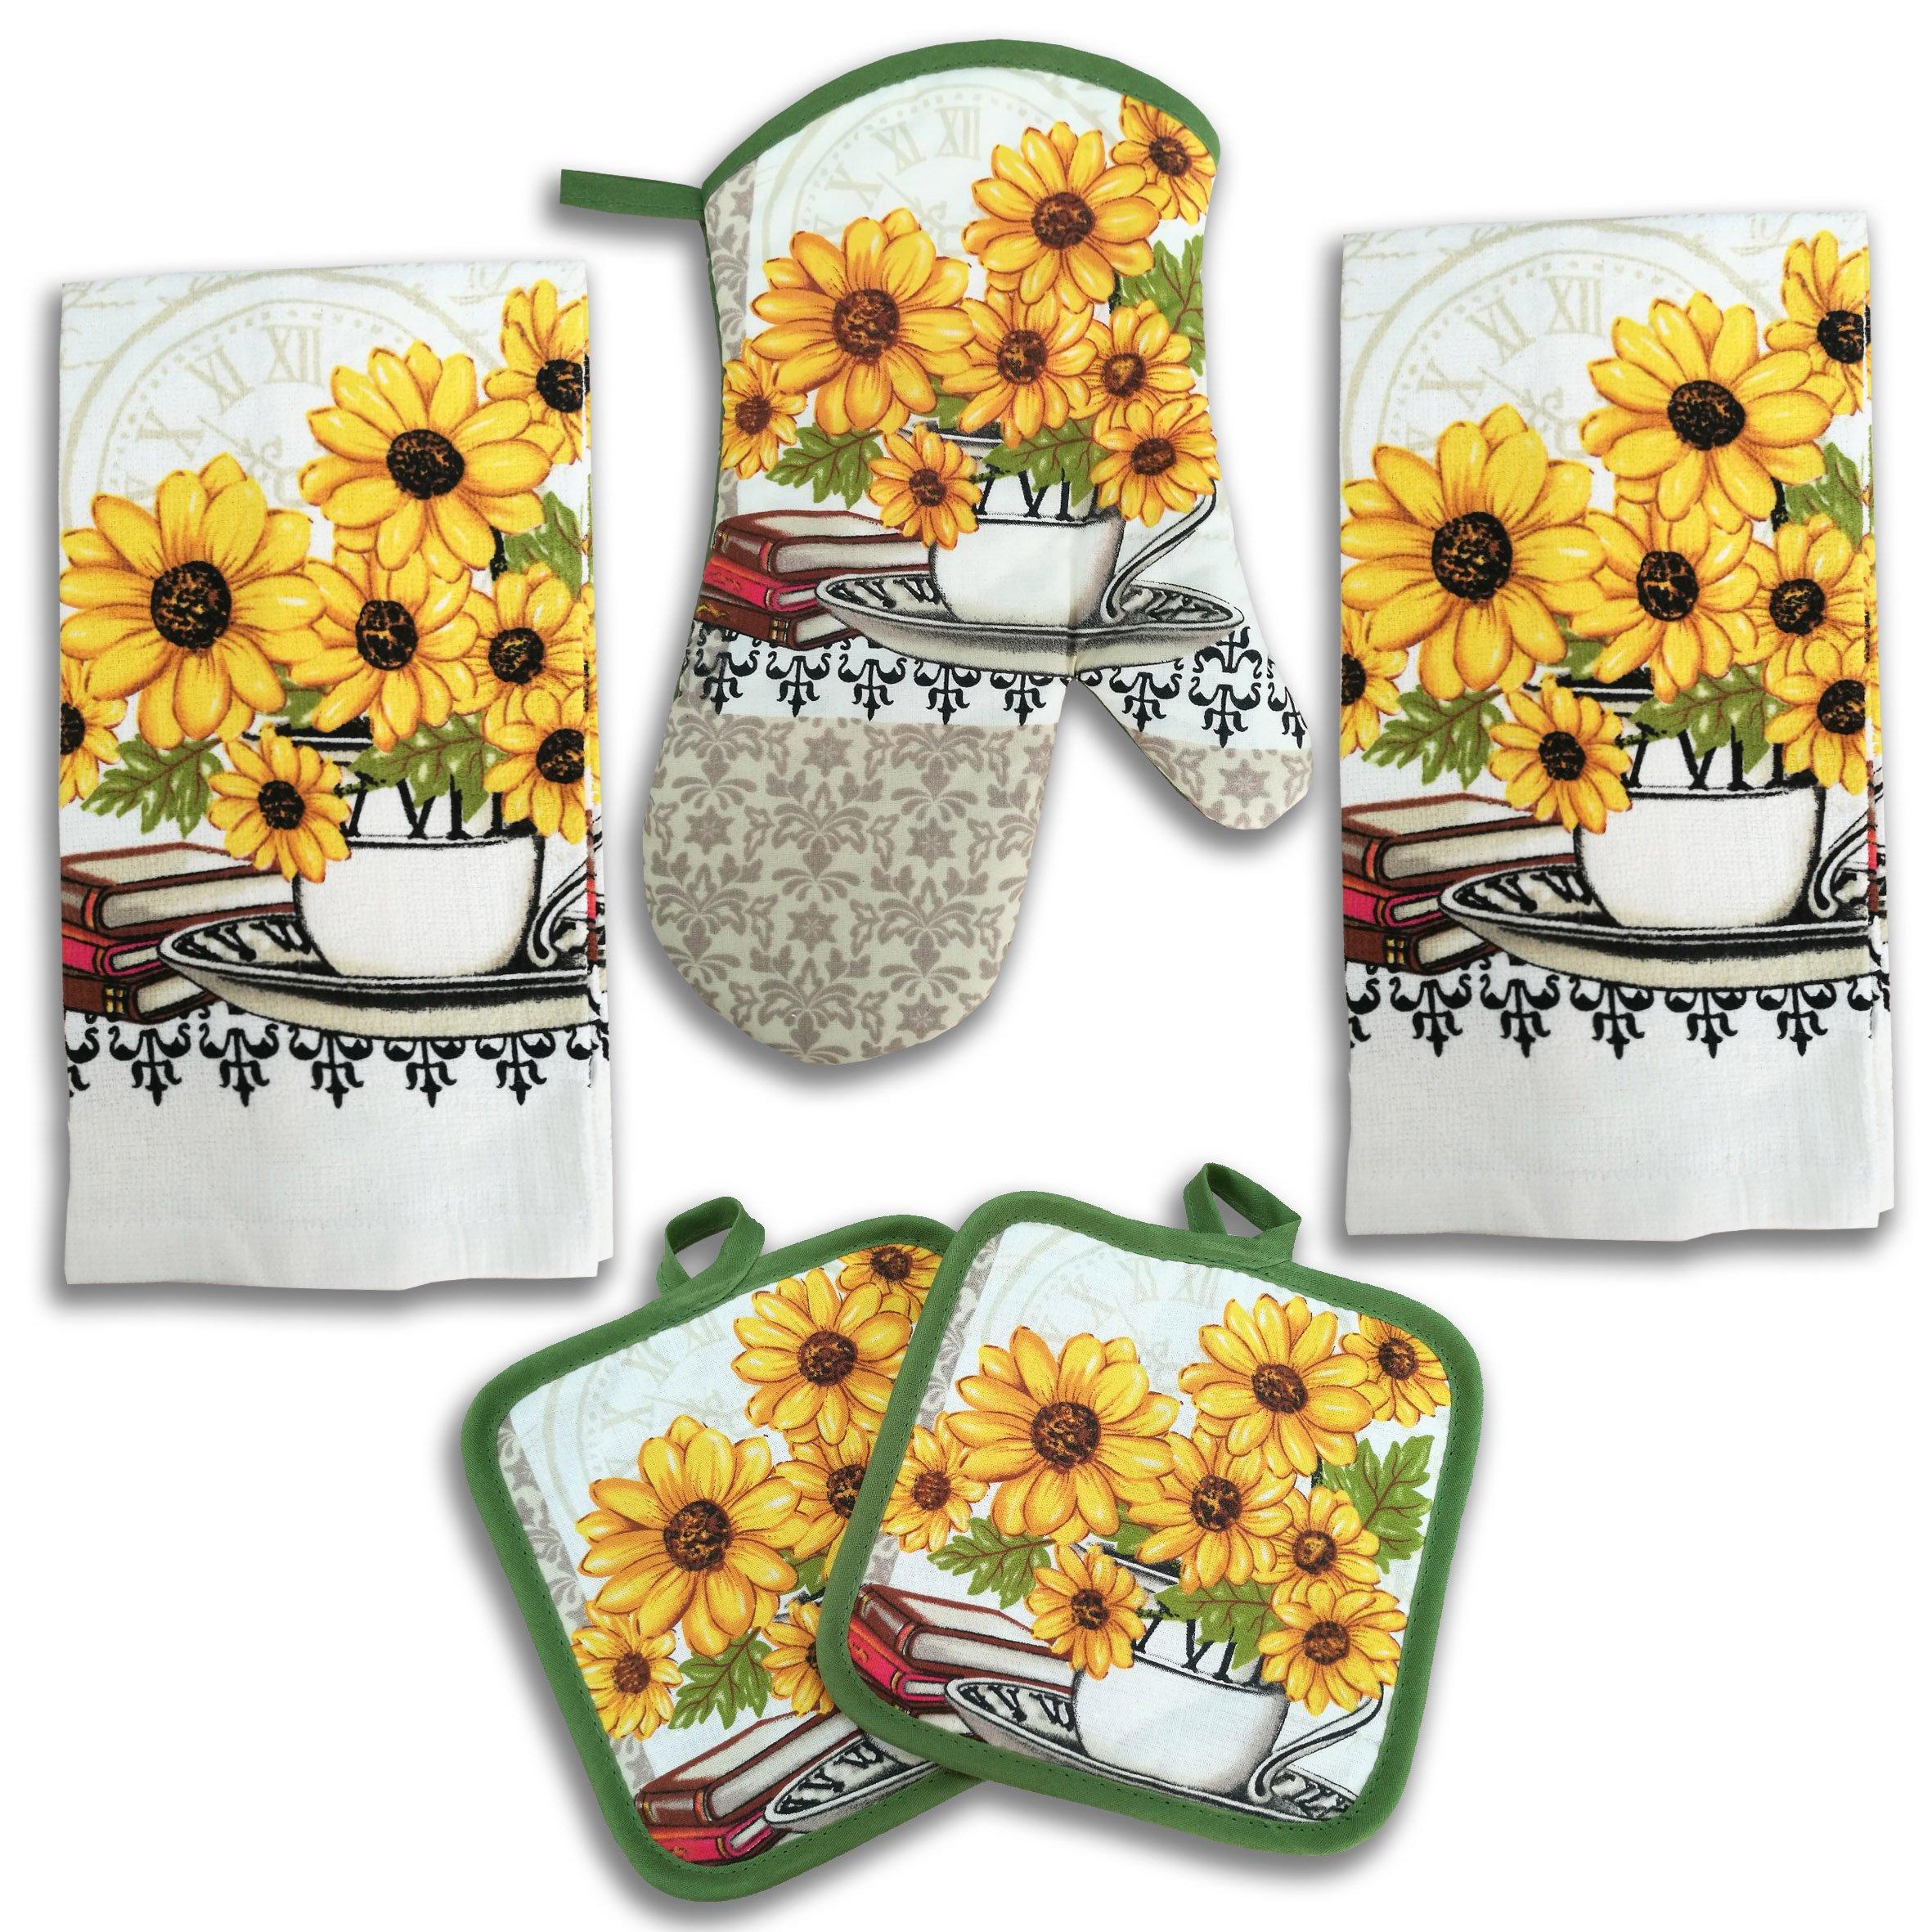 Sunflower Kitchen Decor 5 Piece Linen Set by American Mills